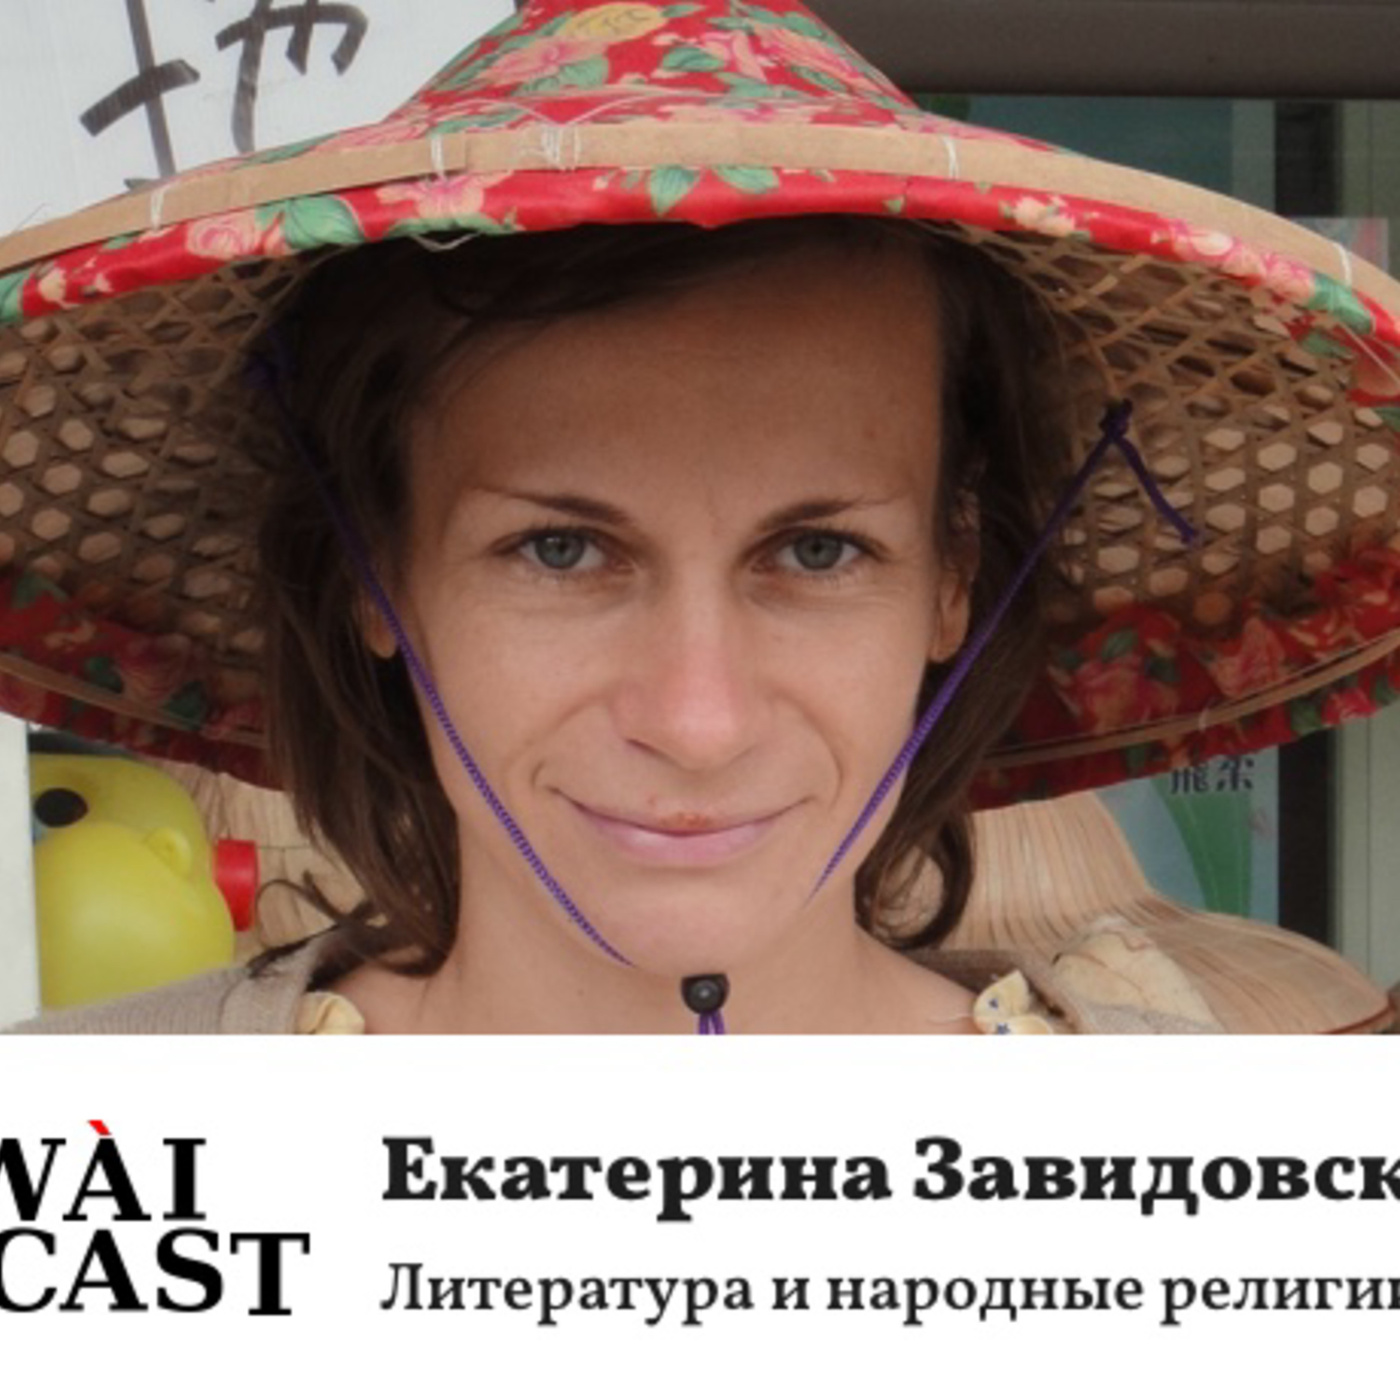 Екатерина Завидовская о китайской литературе и народных религиях в Китае